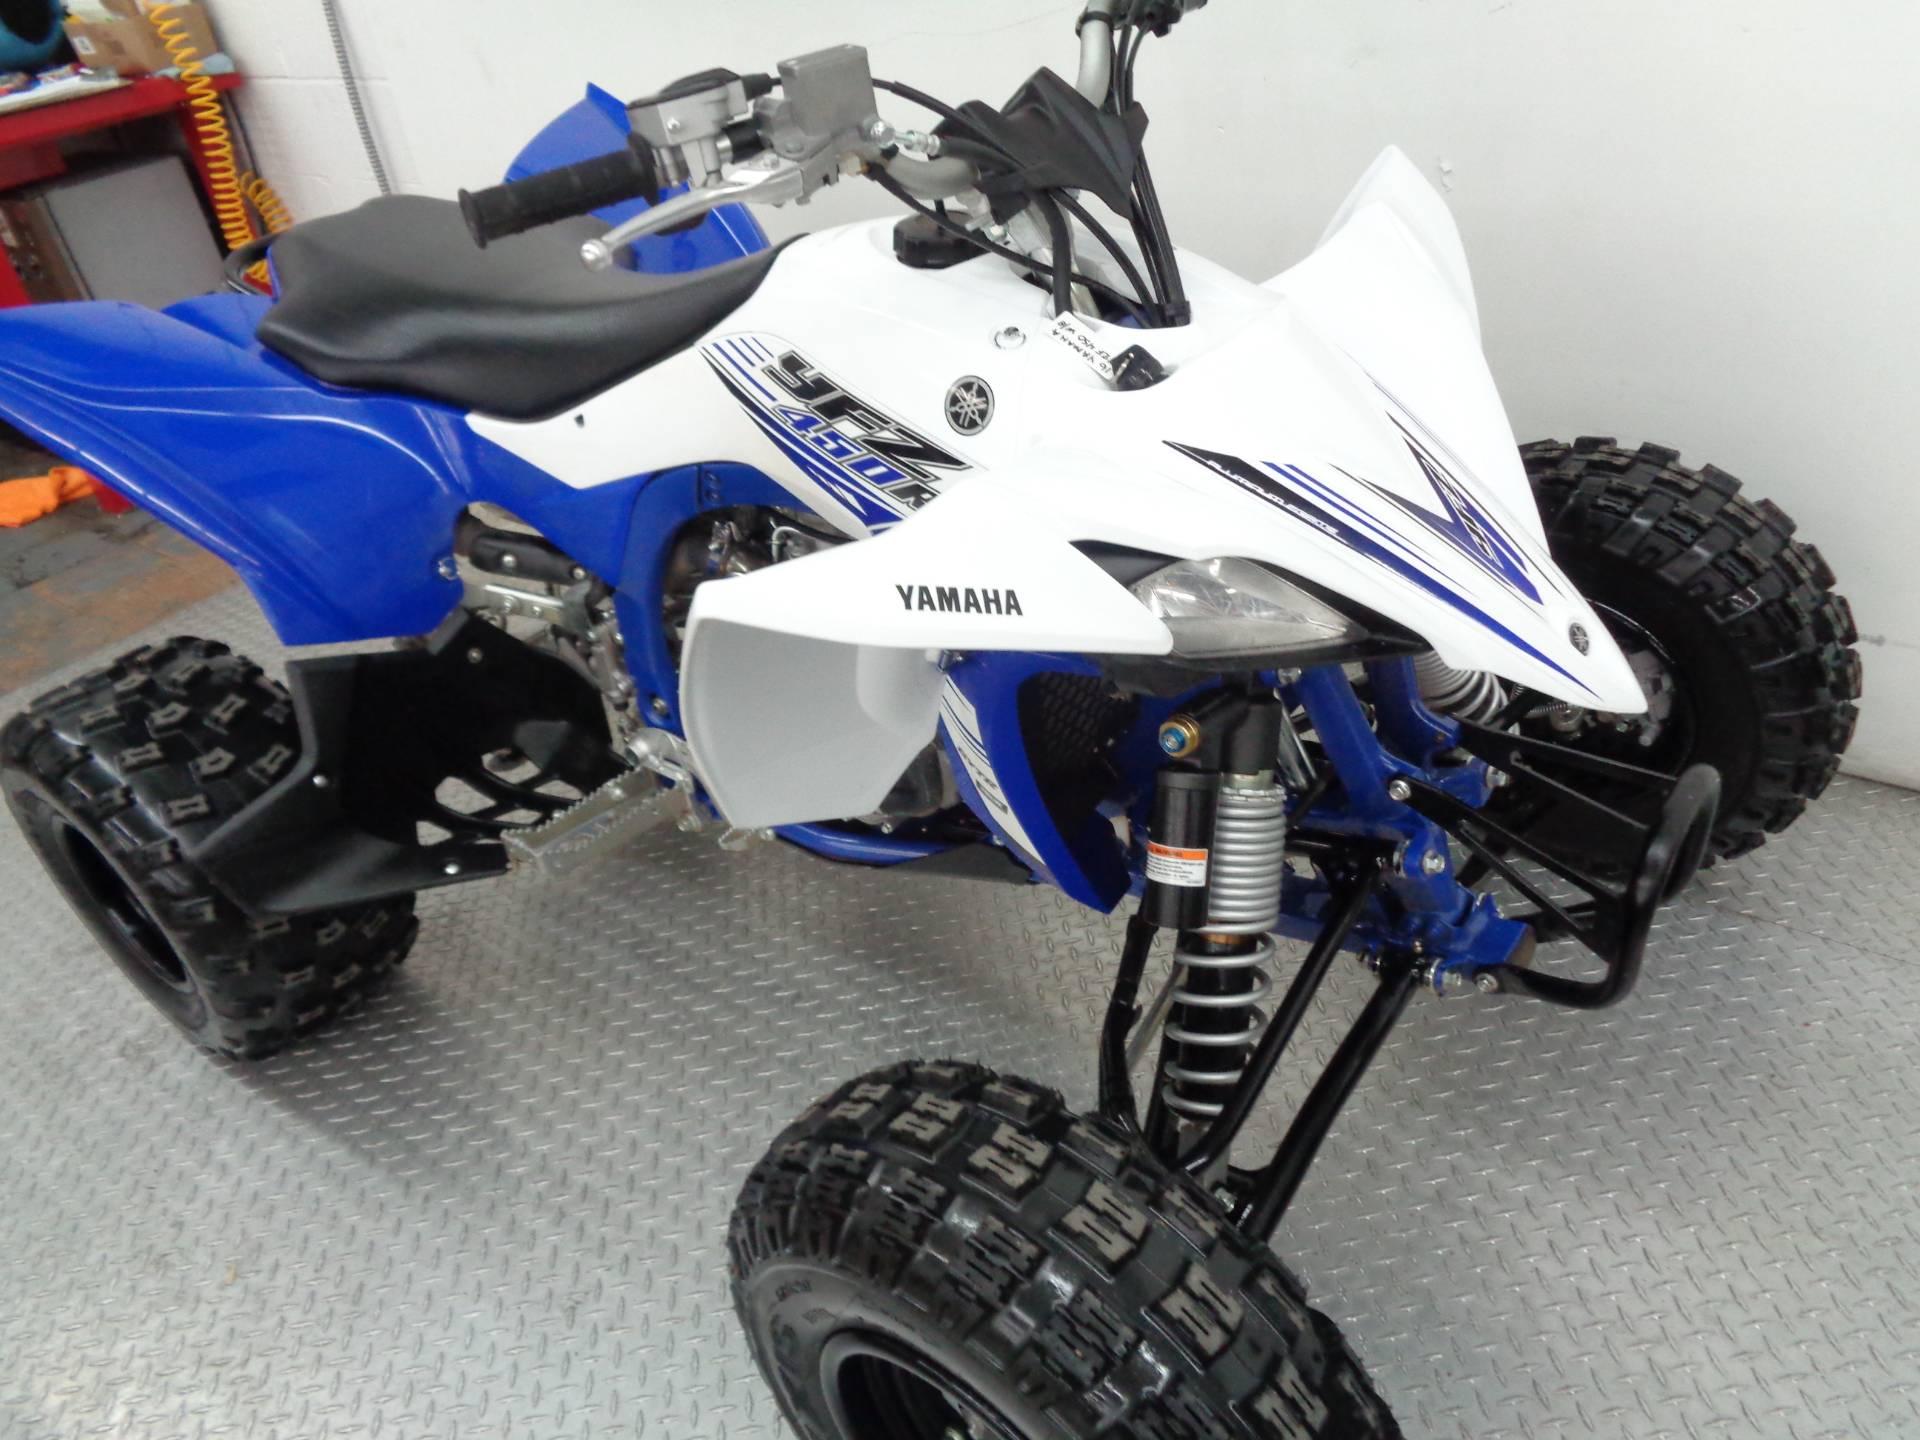 2016 Yamaha YFZ450R 3